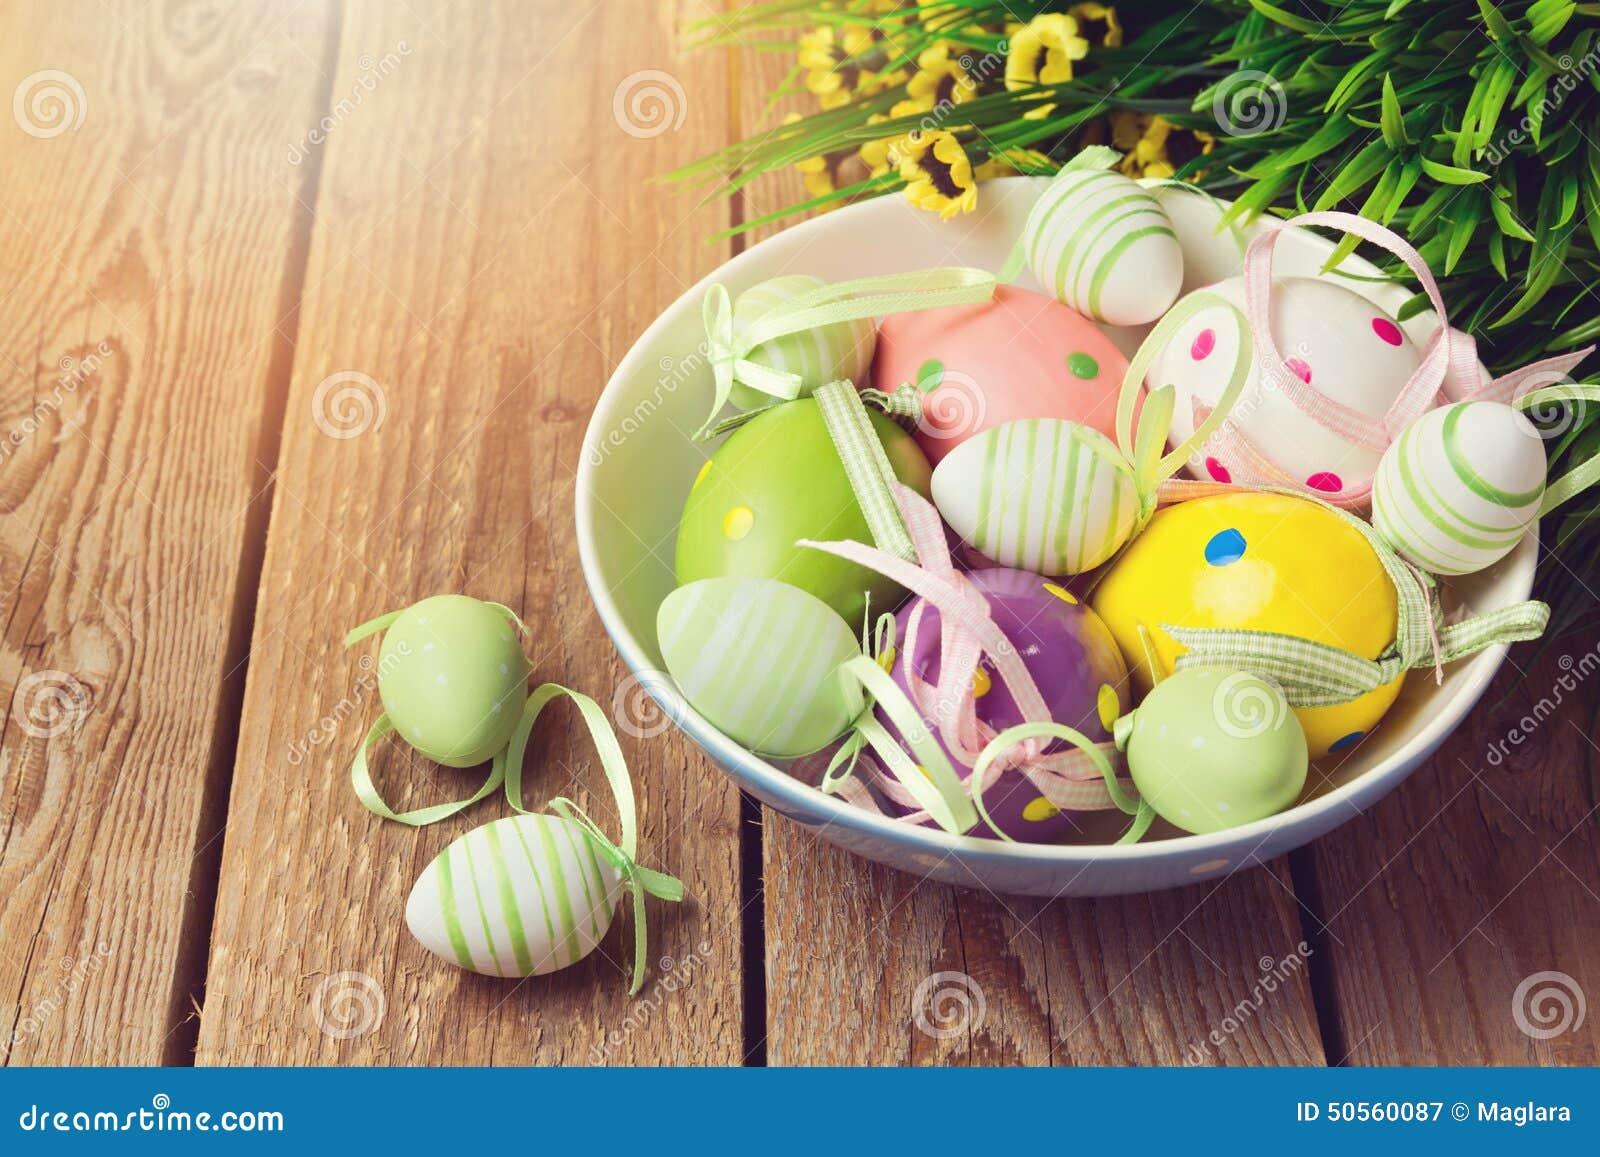 Decorazioni dell 39 uovo di pasqua su fondo di legno immagine - Decorazioni legno ...